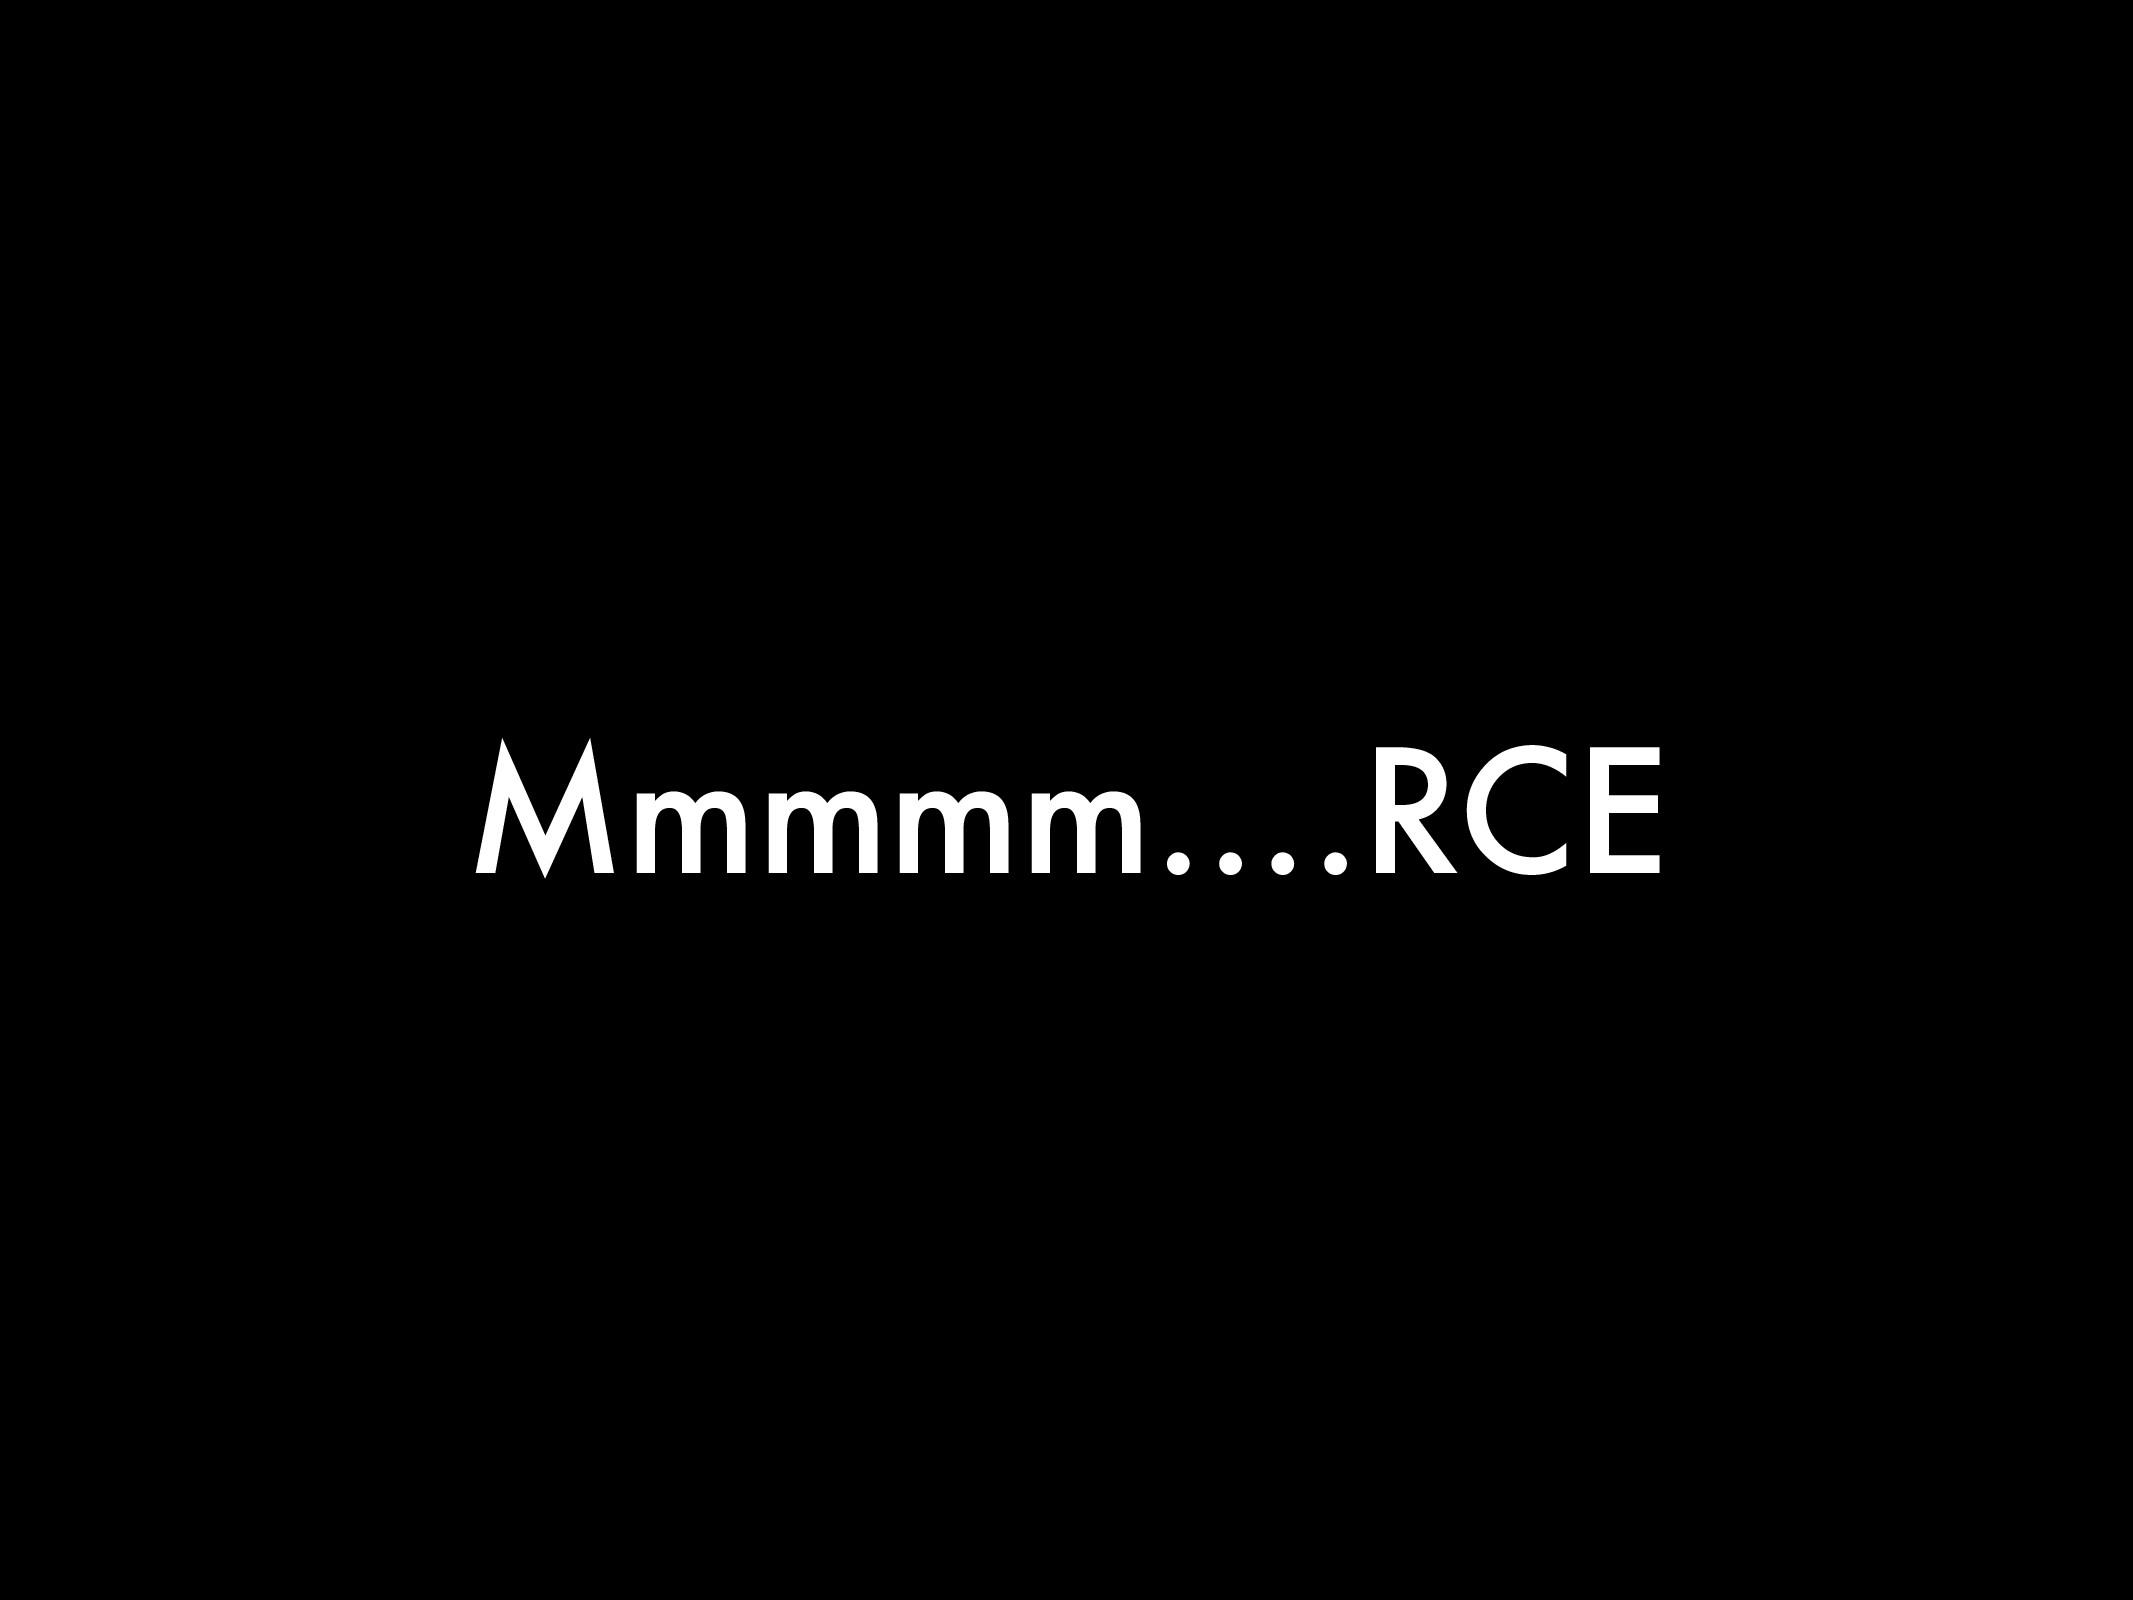 Mmmmm….RCE